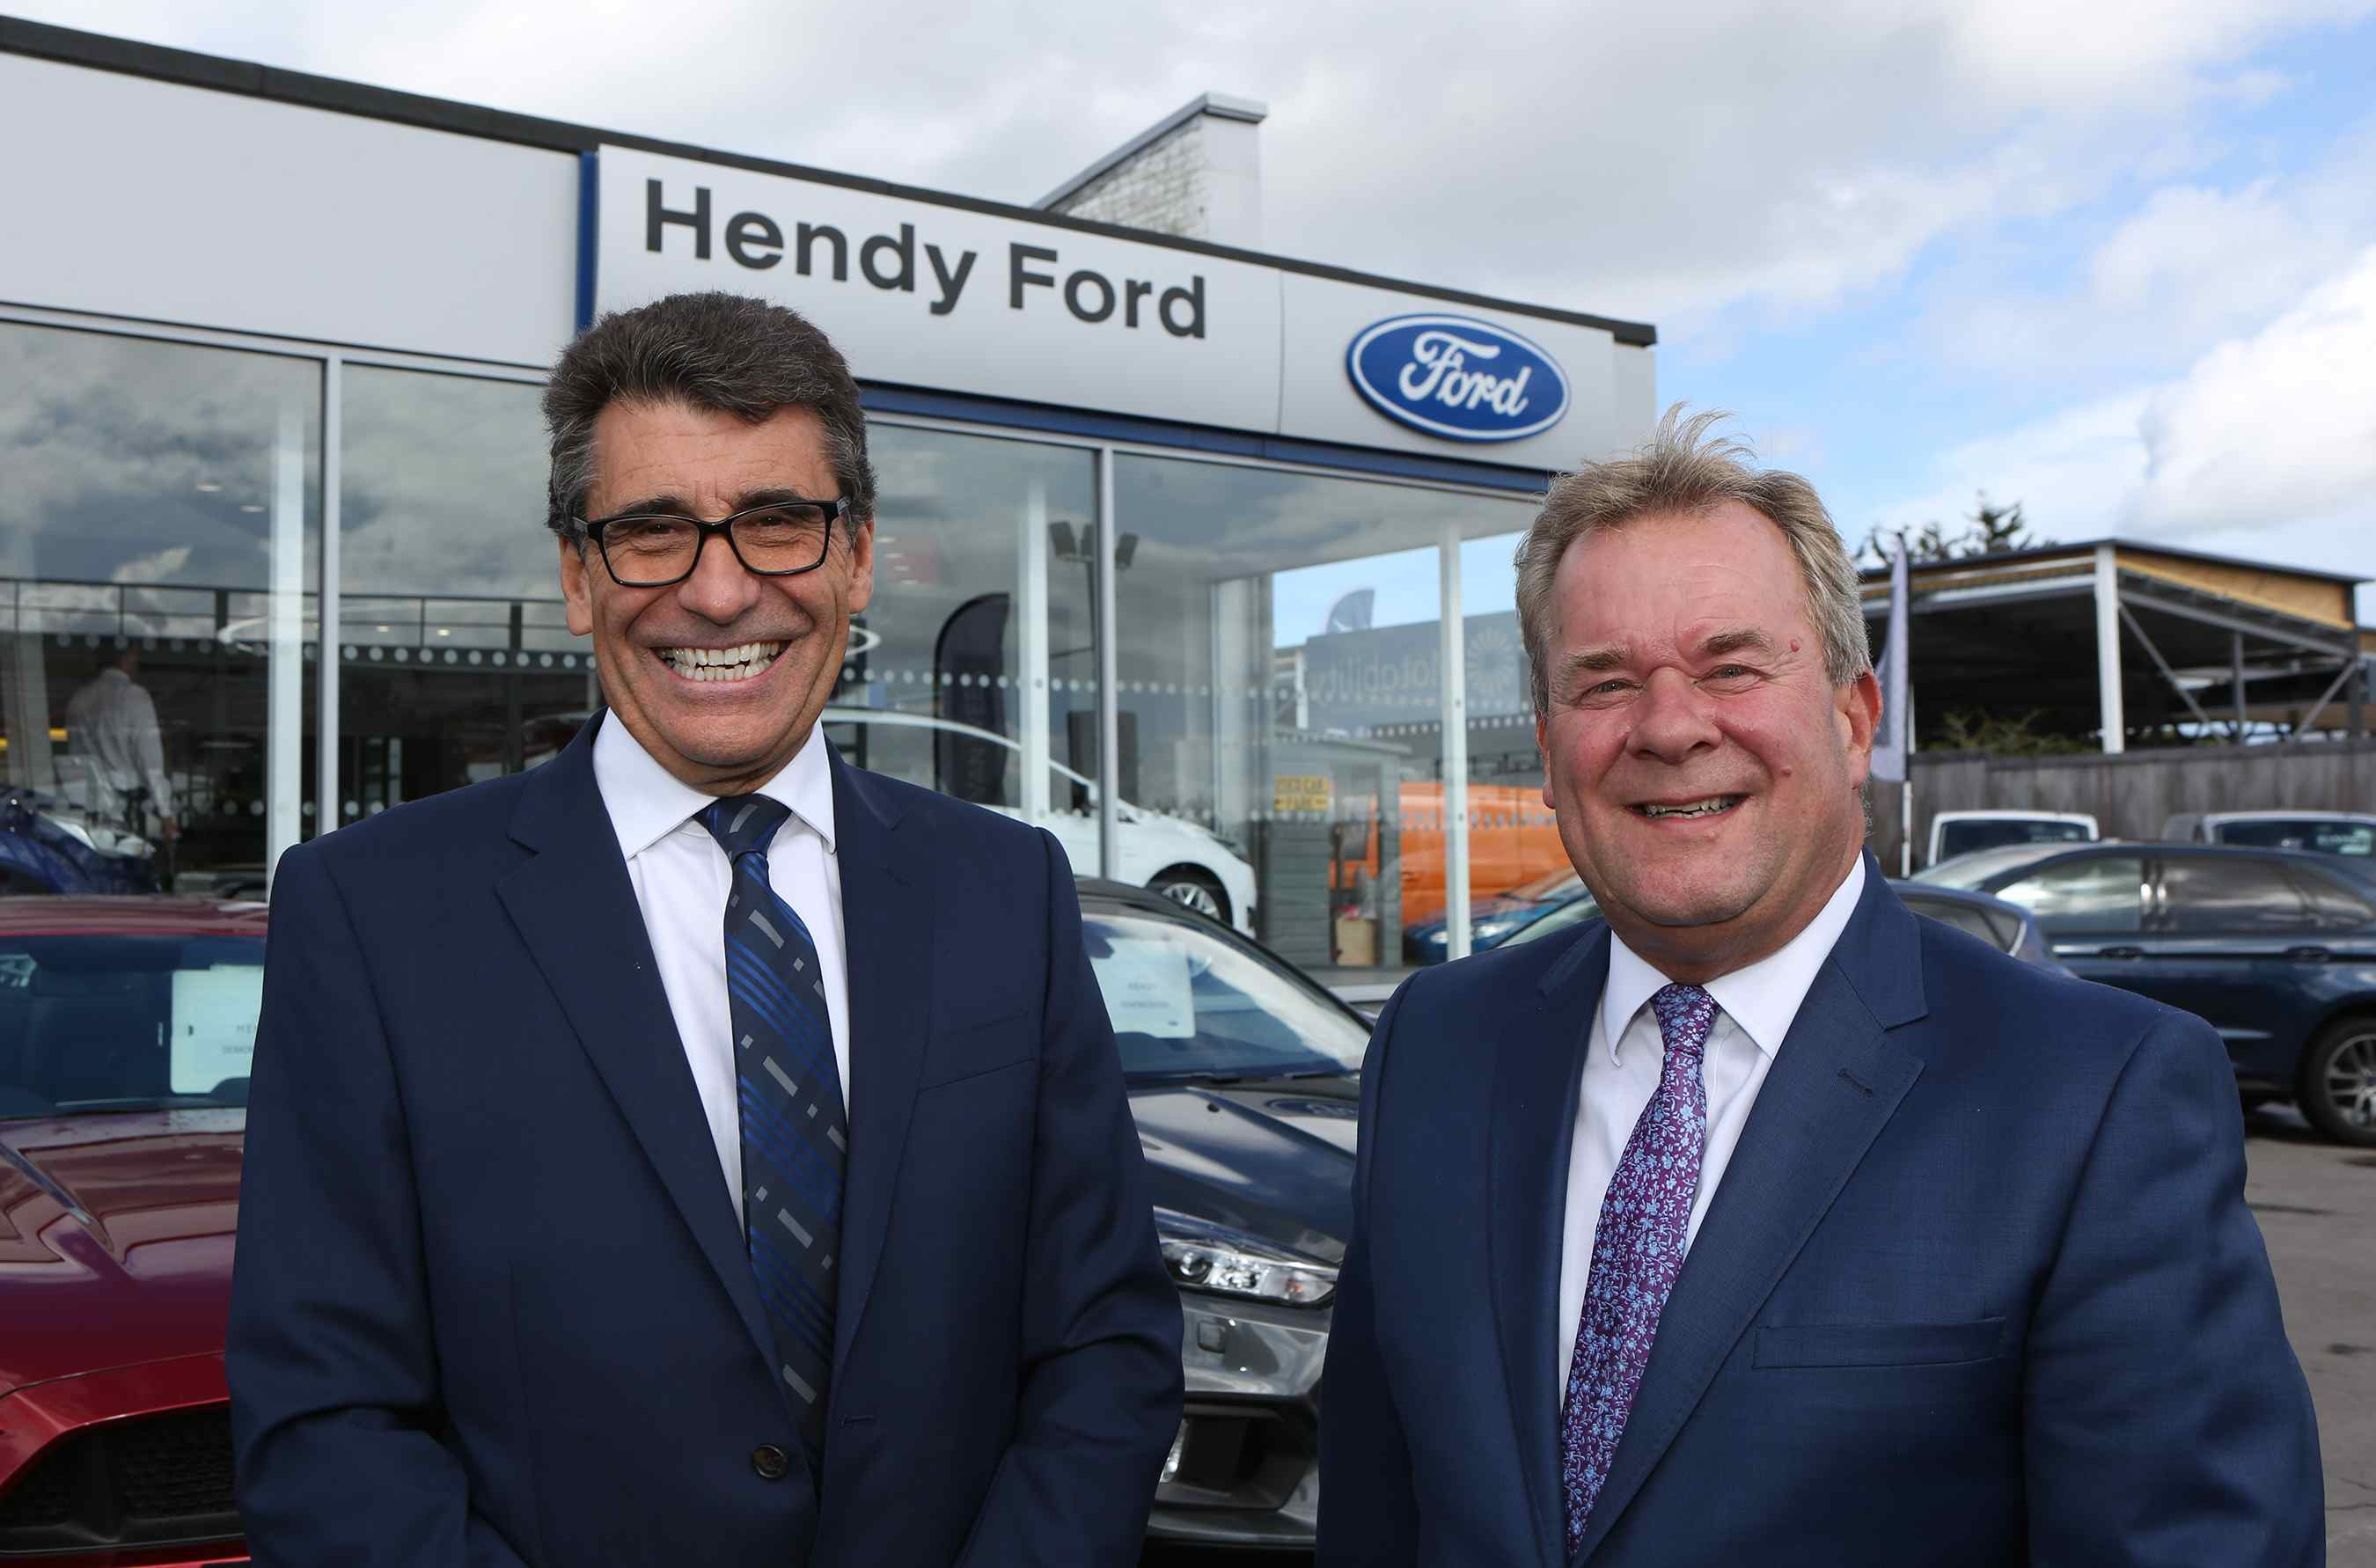 Hendy FordStore